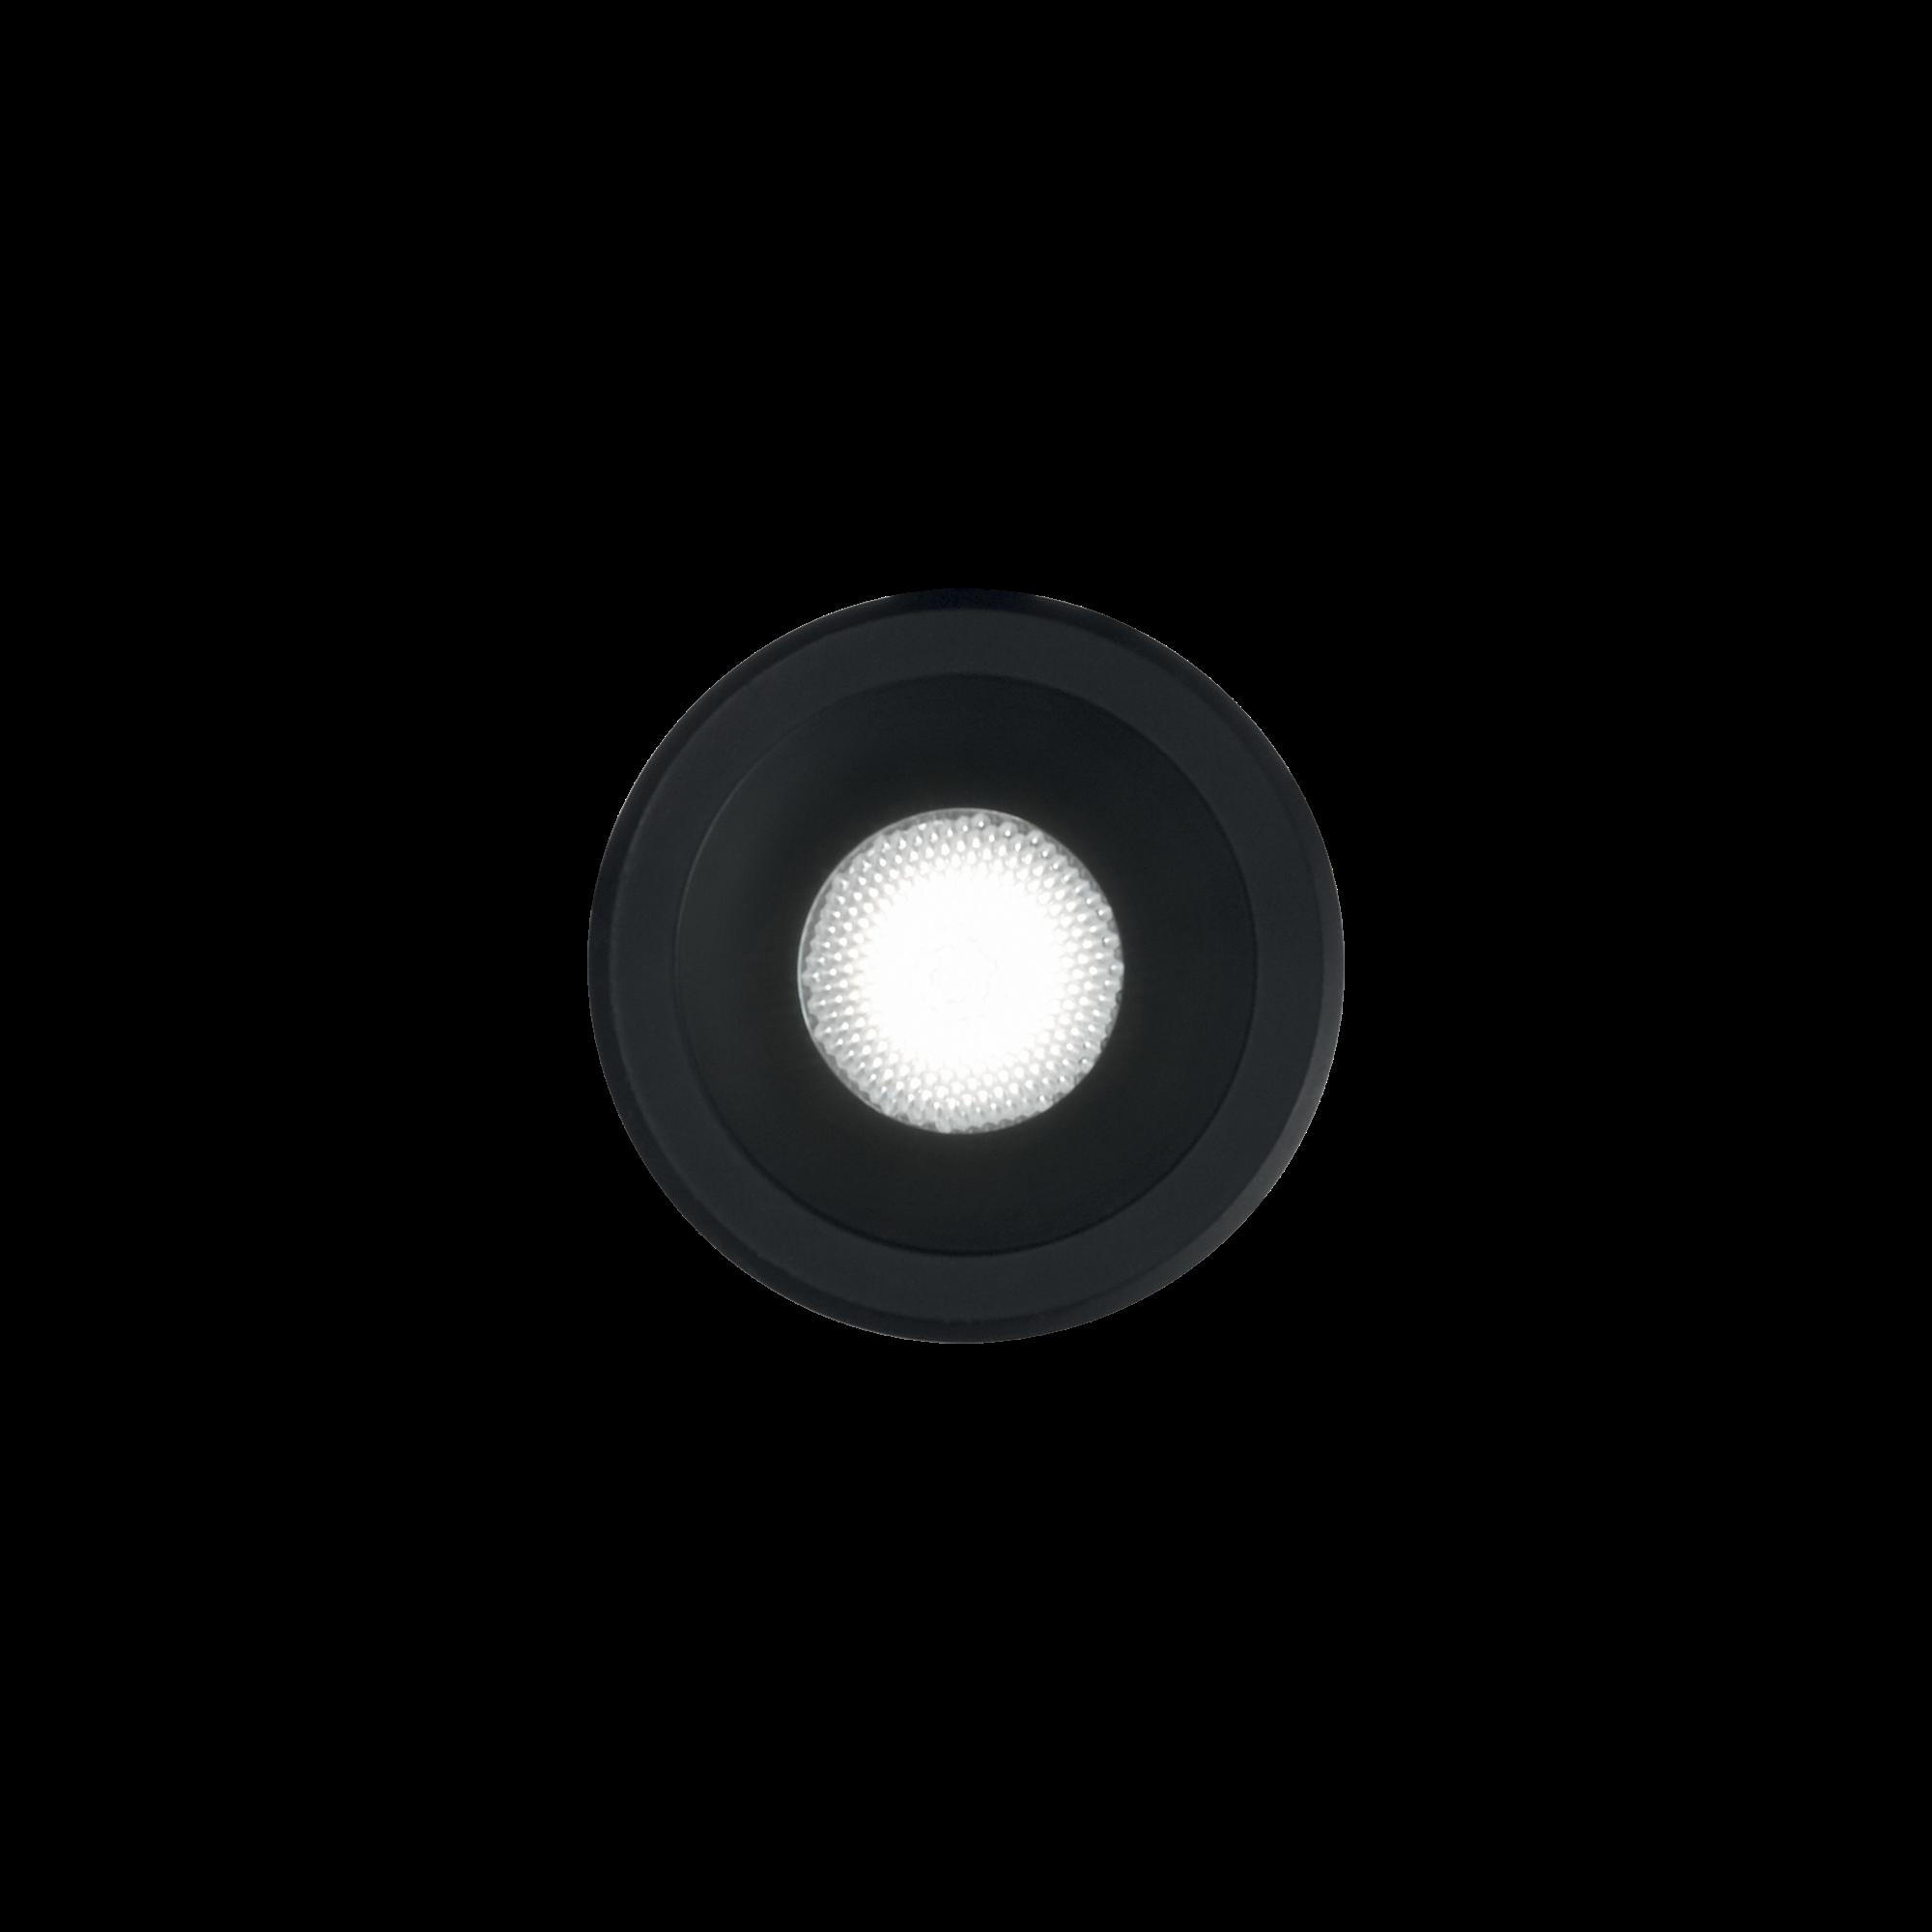 IdealLux 244846 VIRUS venkovní zápustné svítidlo 3W 210lm 3000K IP20 černá